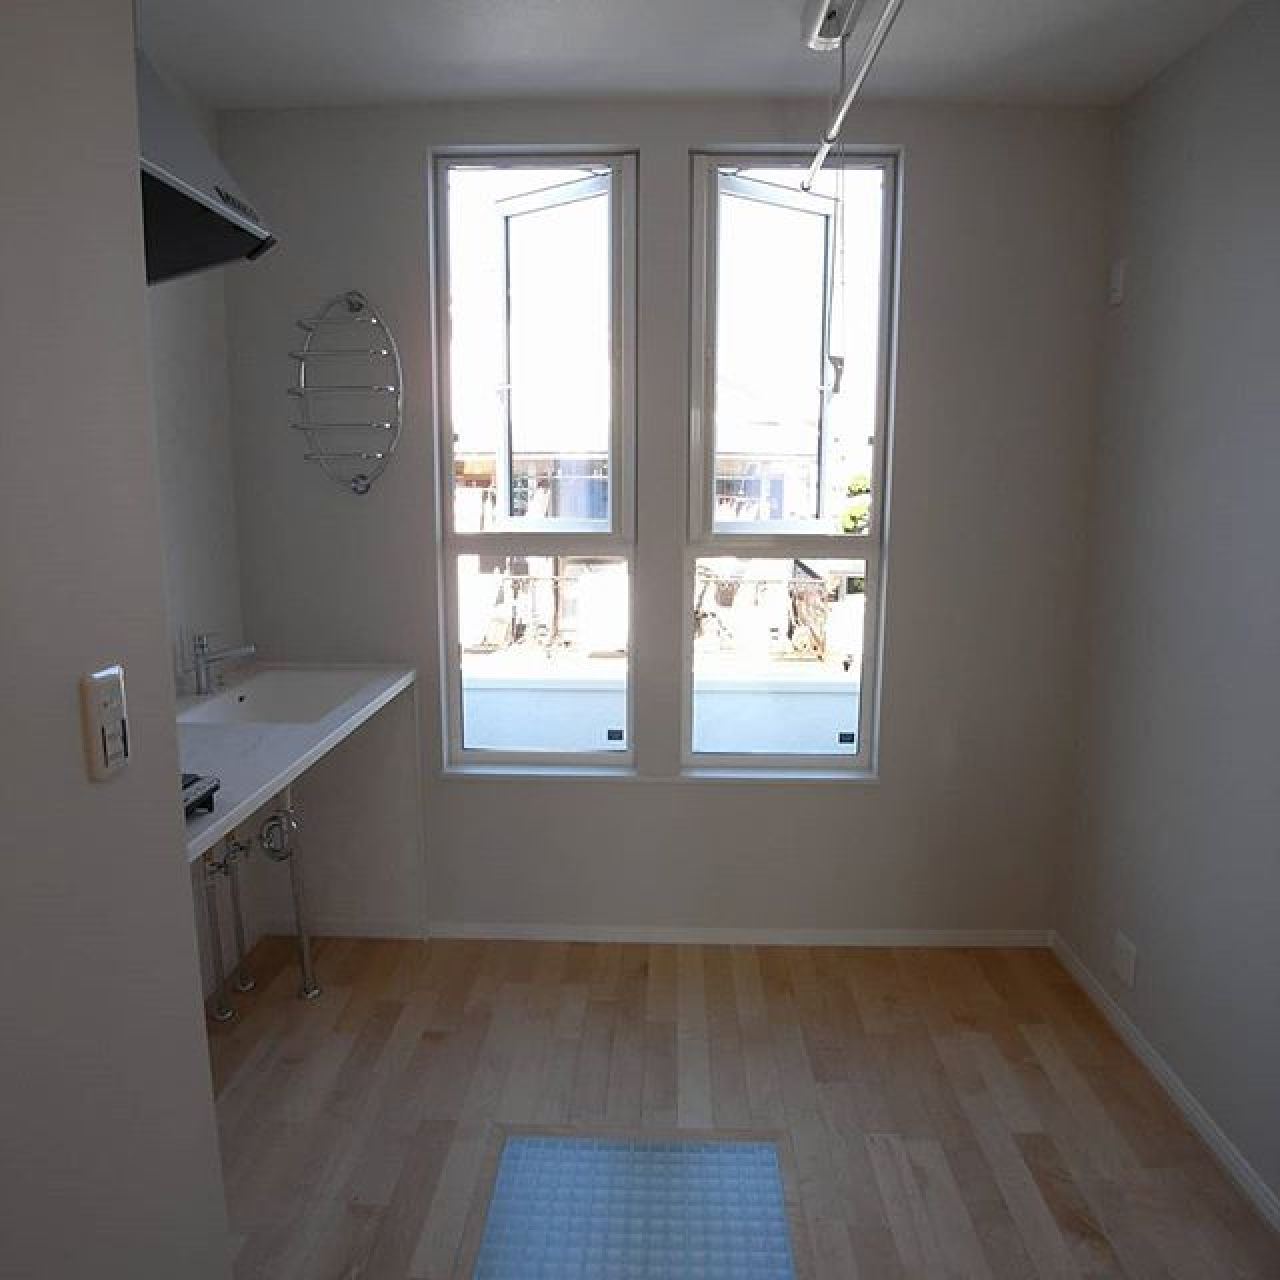 2階ホール。室内干しに上下昇降するポールを設置。洗面化粧台兼用のミニキッチン。グレーチング床。メープル無垢の床フローリング。#自然素材 #無垢フローリング #メープル #ミニキッチン #2階